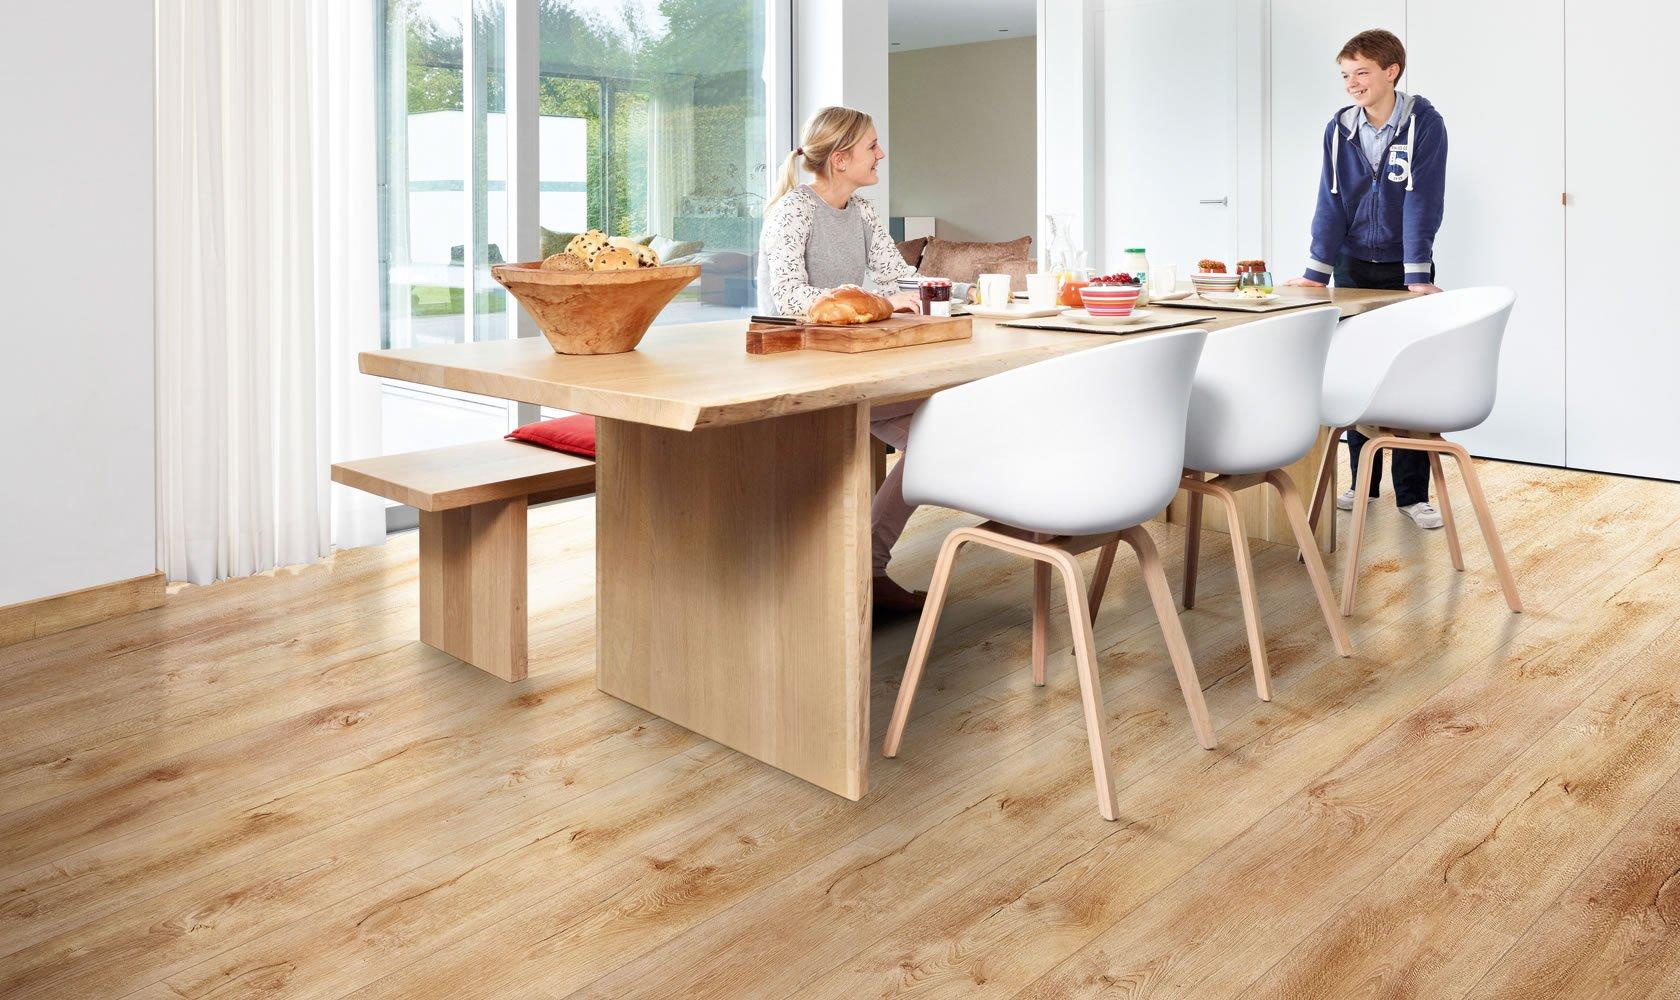 Un tavolo in legno con una panchina e delle sedie di plastica di color bianco